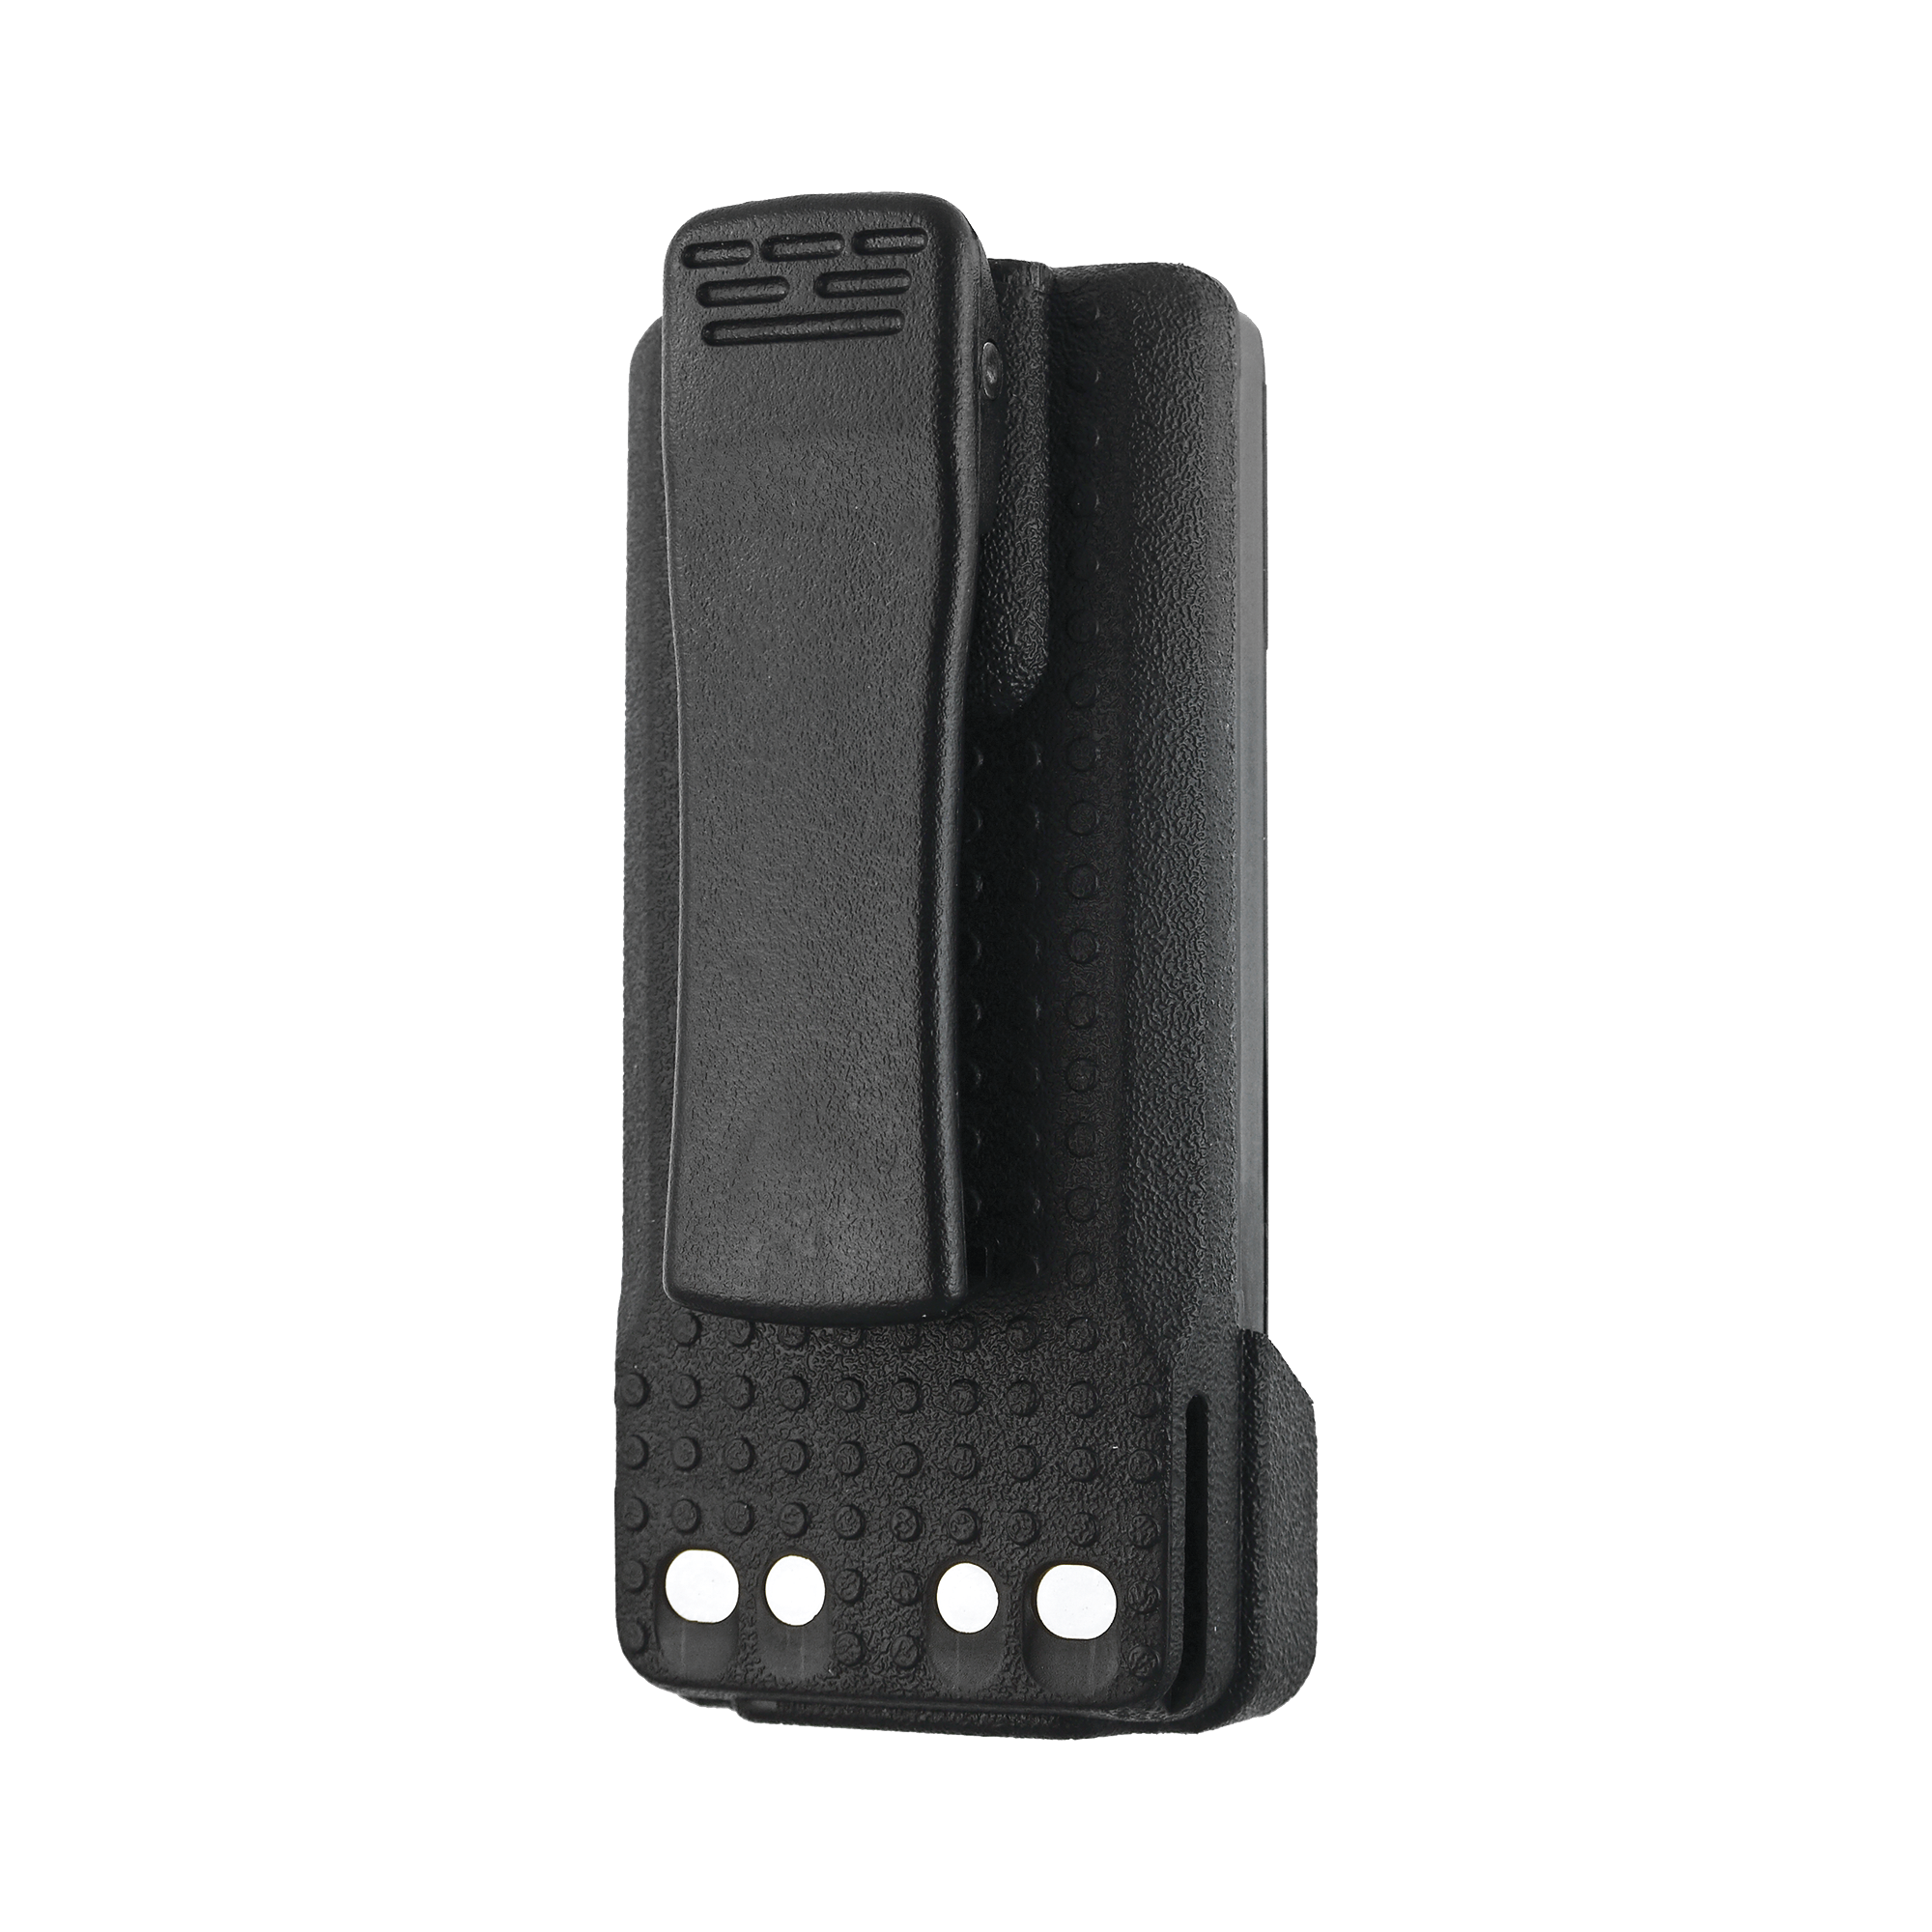 Batería normal de Li-Ion 2500mAh 7.2V para radios Motorola,DEP550/570/DGP5050/5550/8050/8550/XPR3300/3500/XPR7350/7380/7550